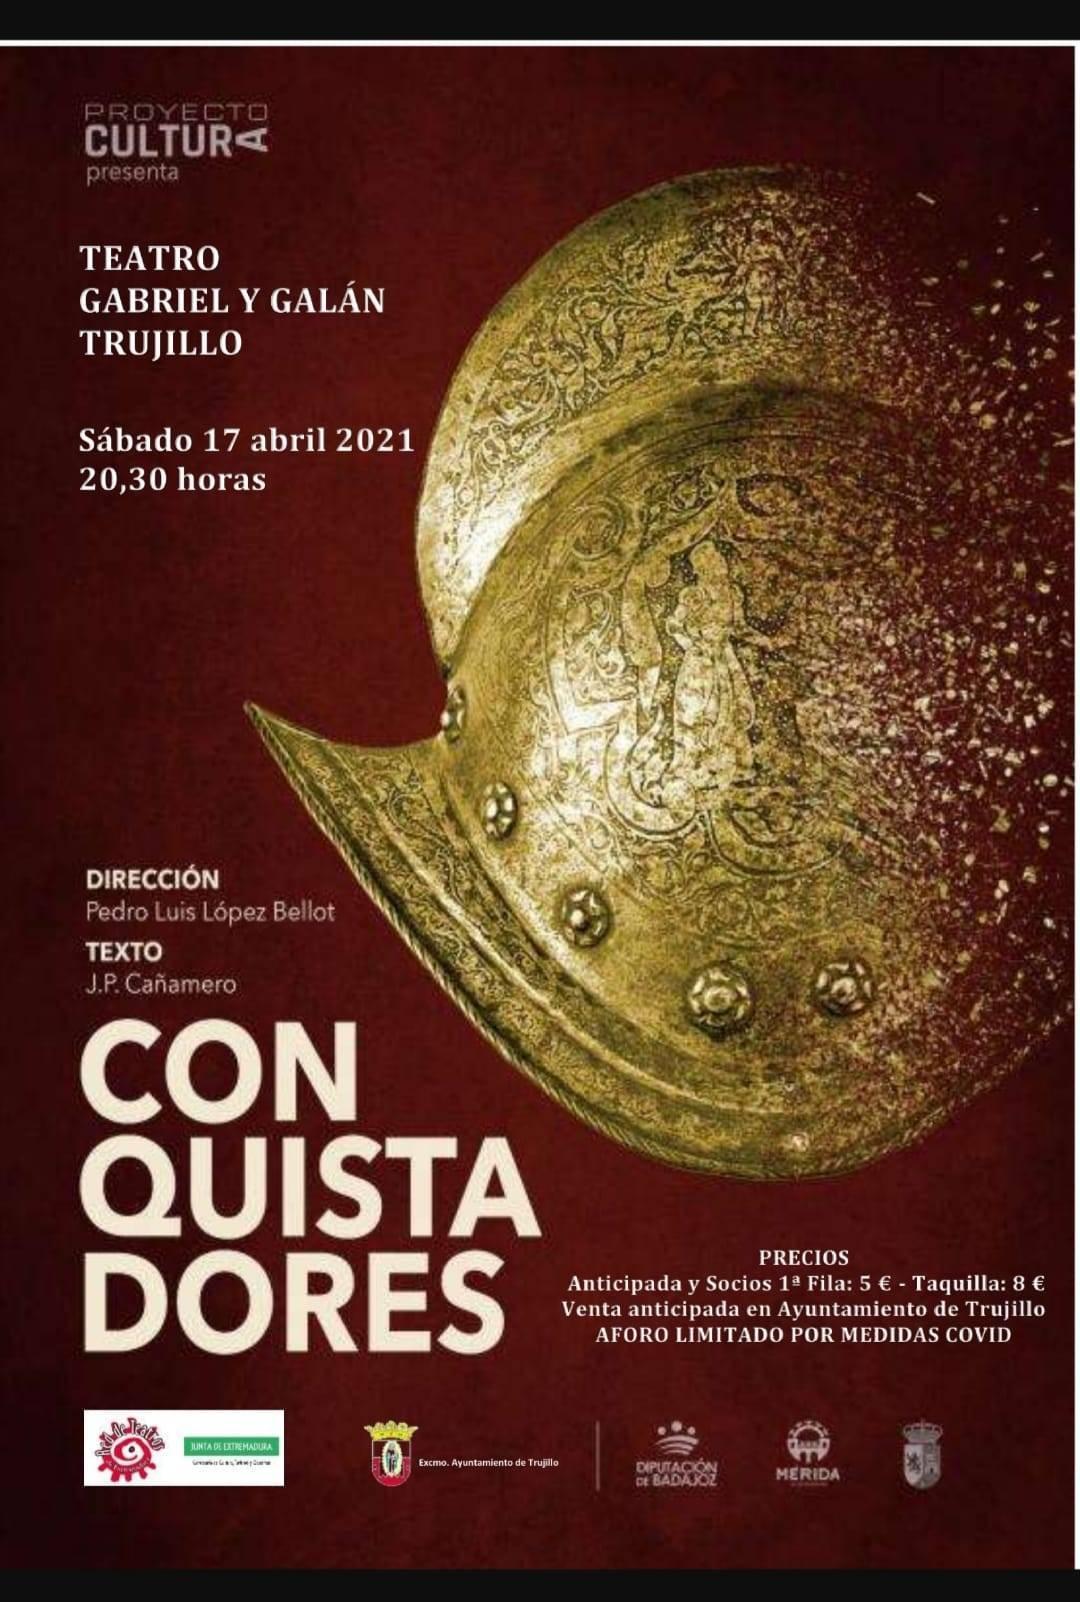 Conquistadores (2021) - Trujillo (Cáceres)